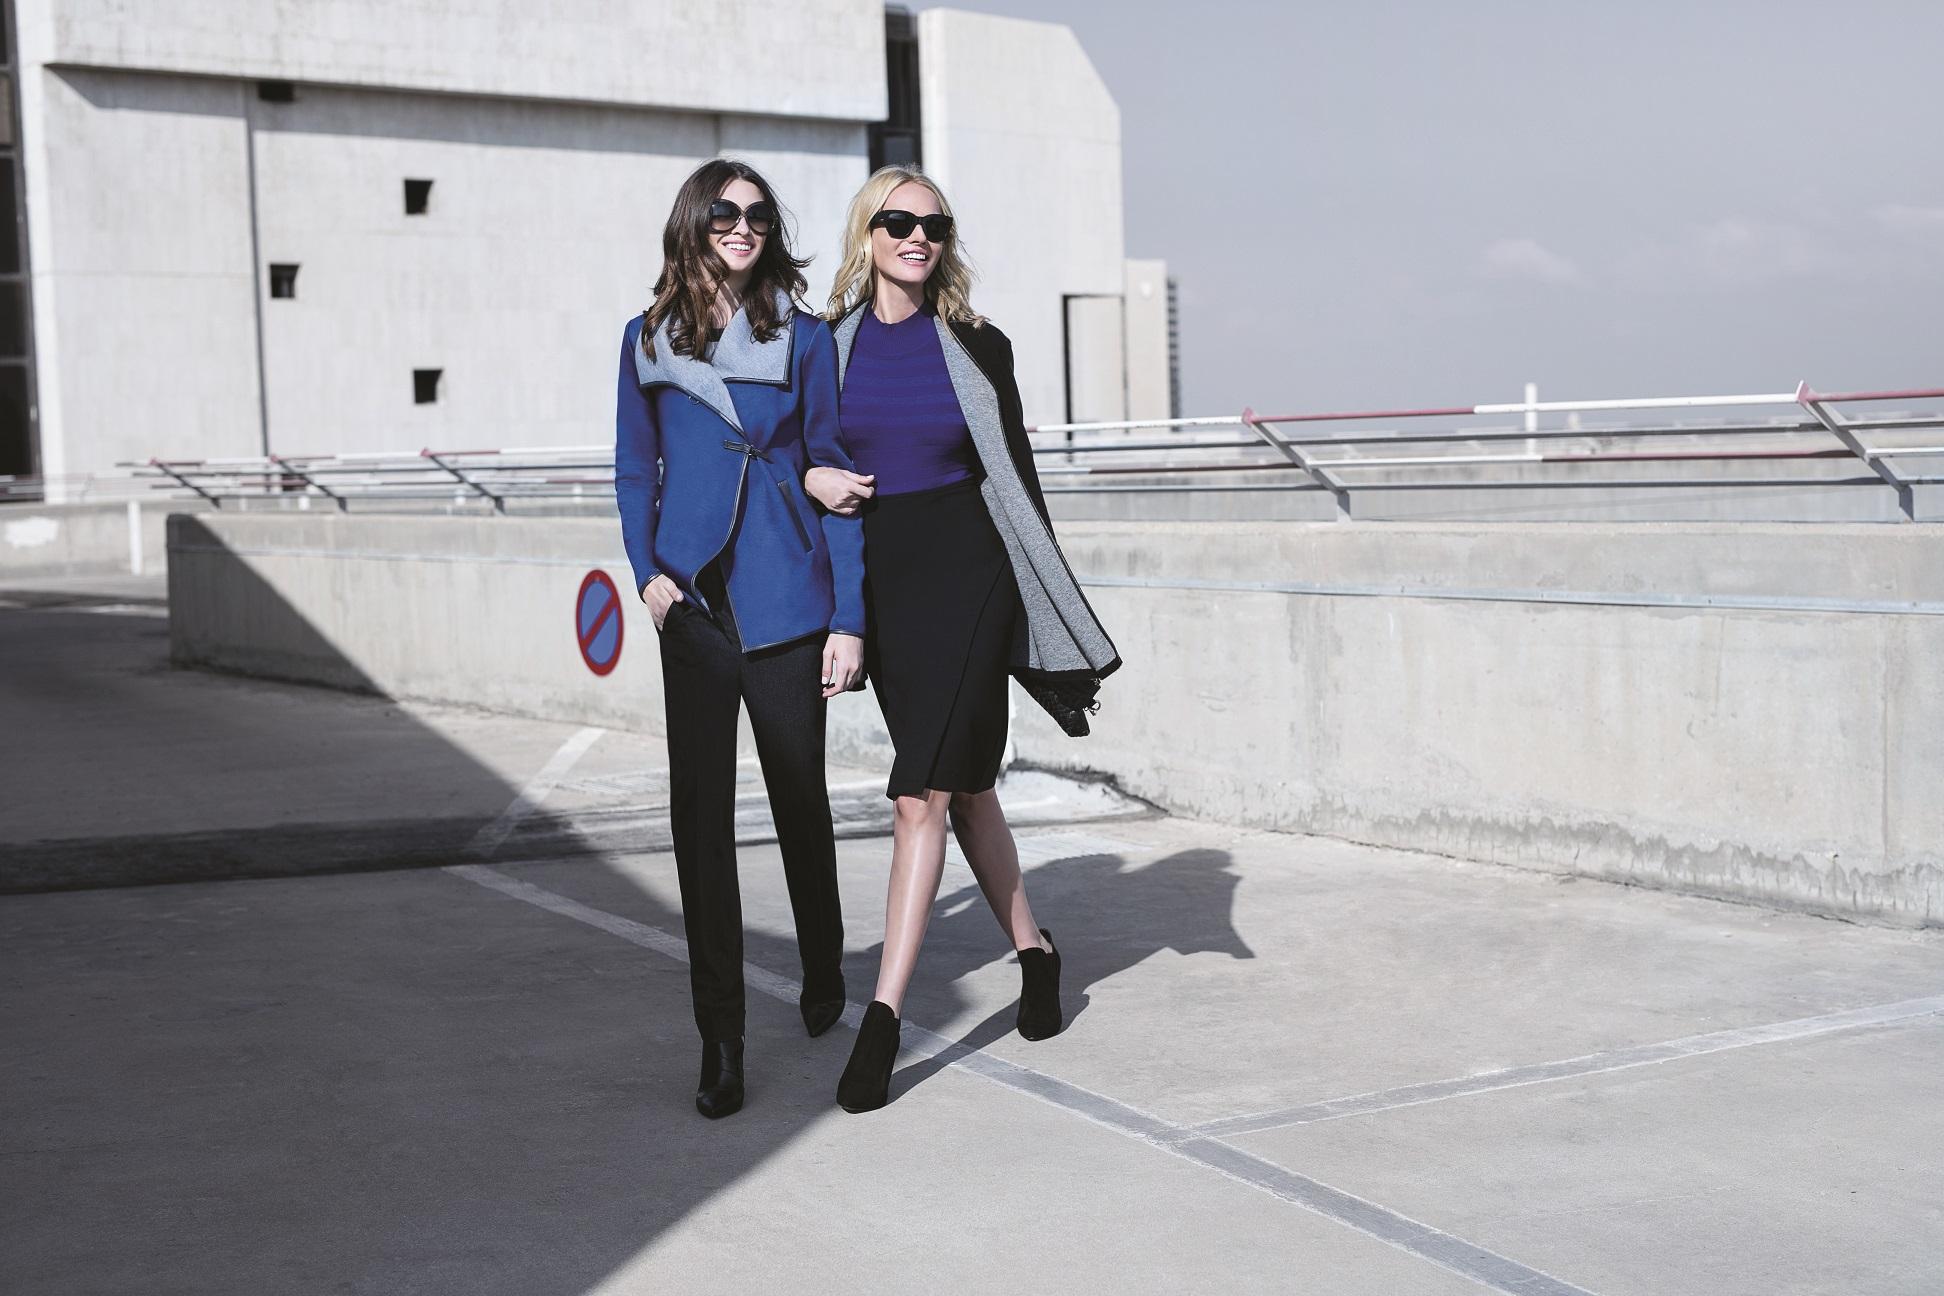 Обновляем гардероб в CrazyLine: модный зимний total look в полцены!